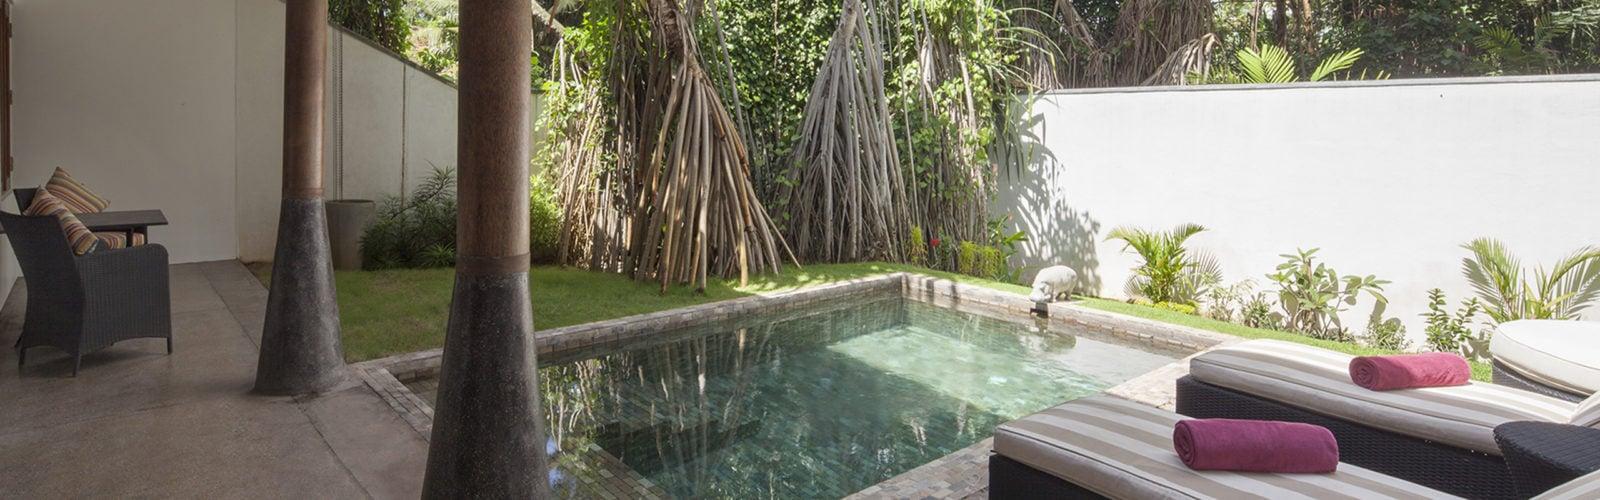 wallawwa-private-pool